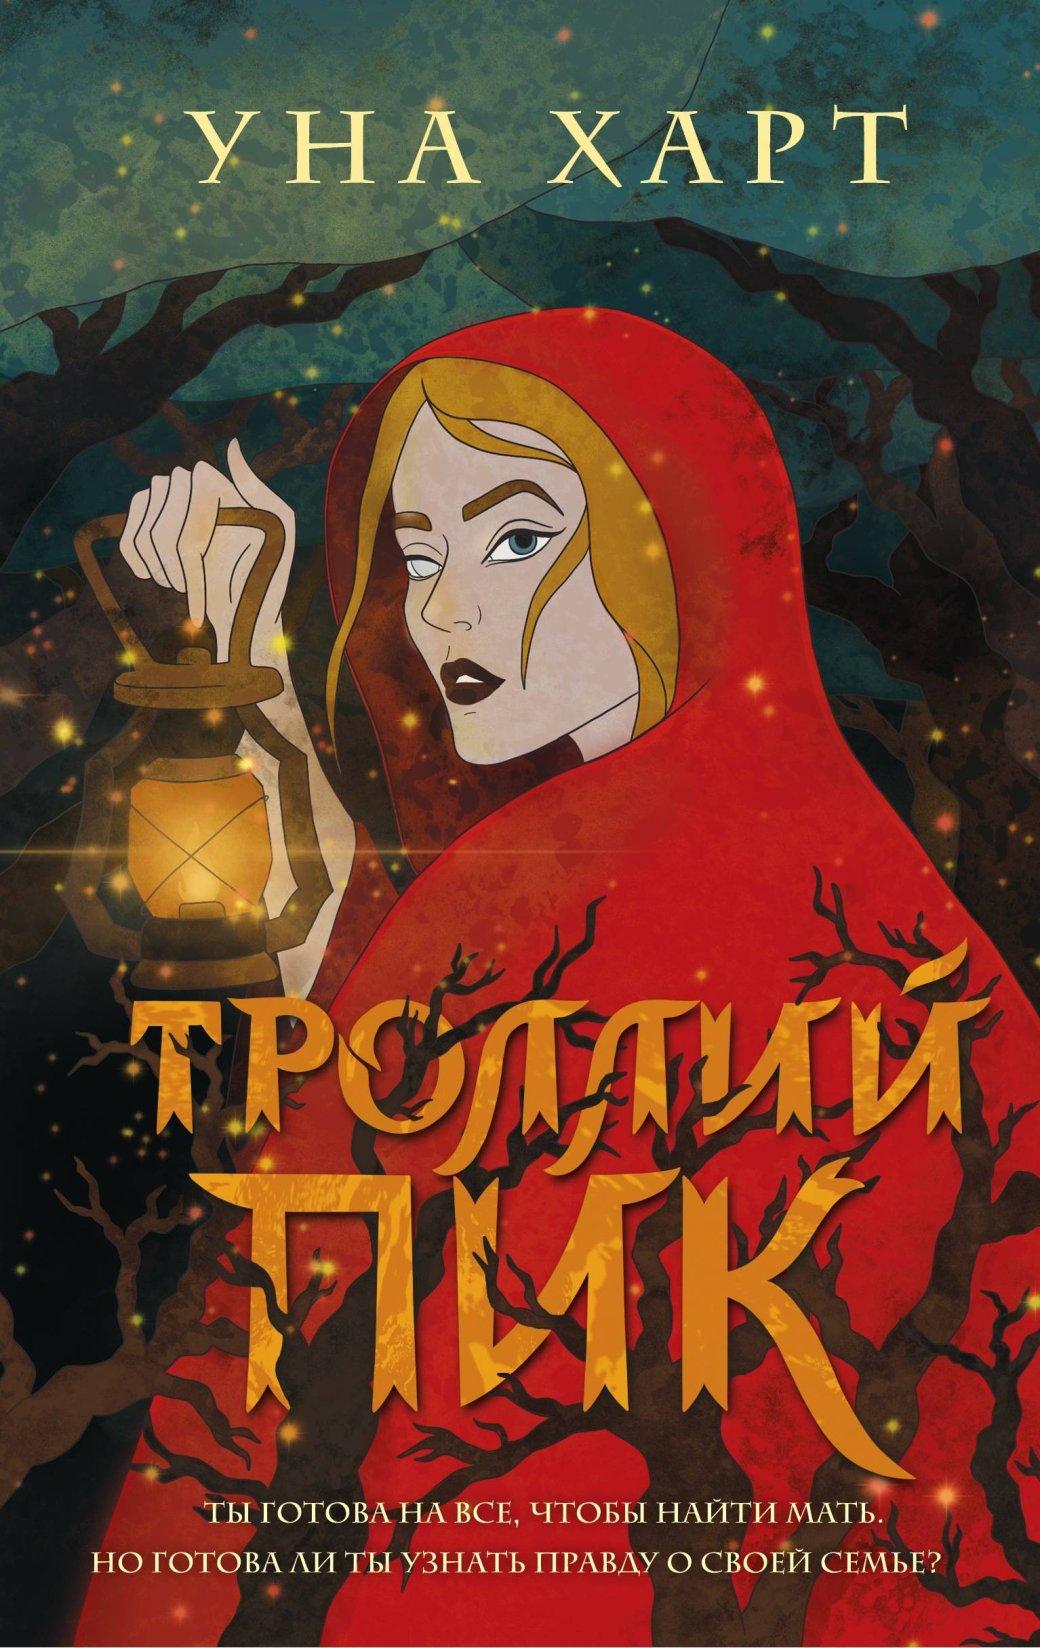 Новая волна: яркие русскоязычные авторы, пишущие фантастику ифэнтези | Канобу - Изображение 564